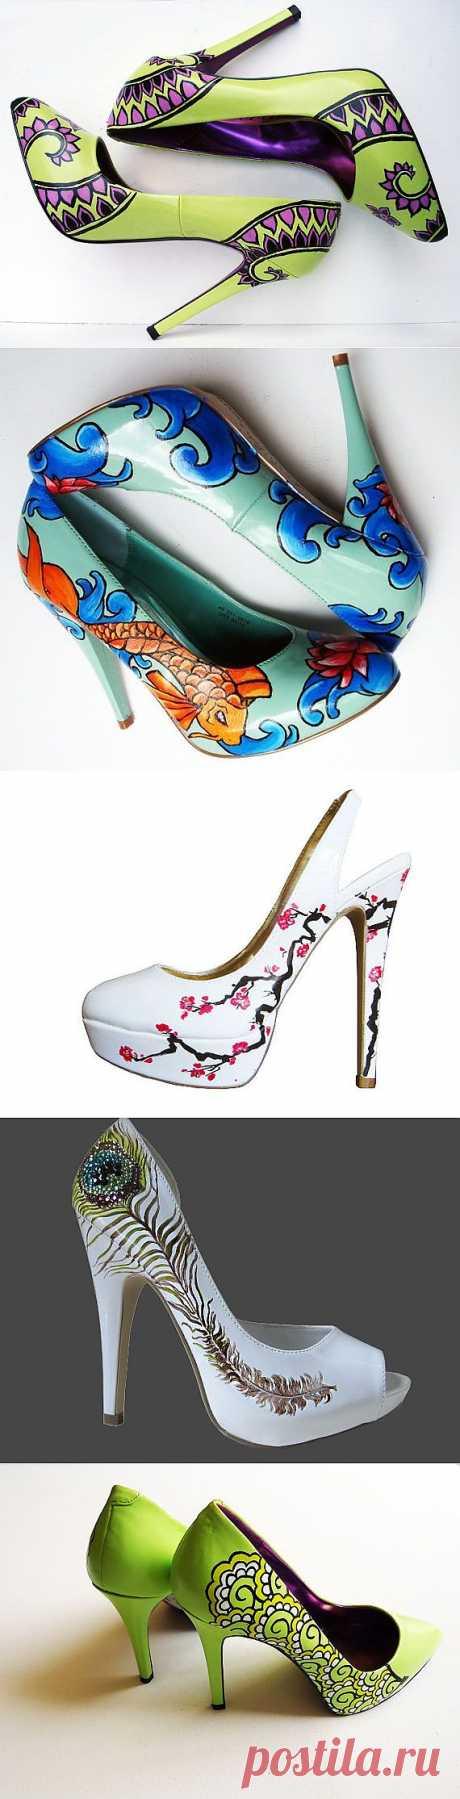 Расписные туфли (подборка) / Обувь / Модный сайт о стильной переделке одежды и интерьера